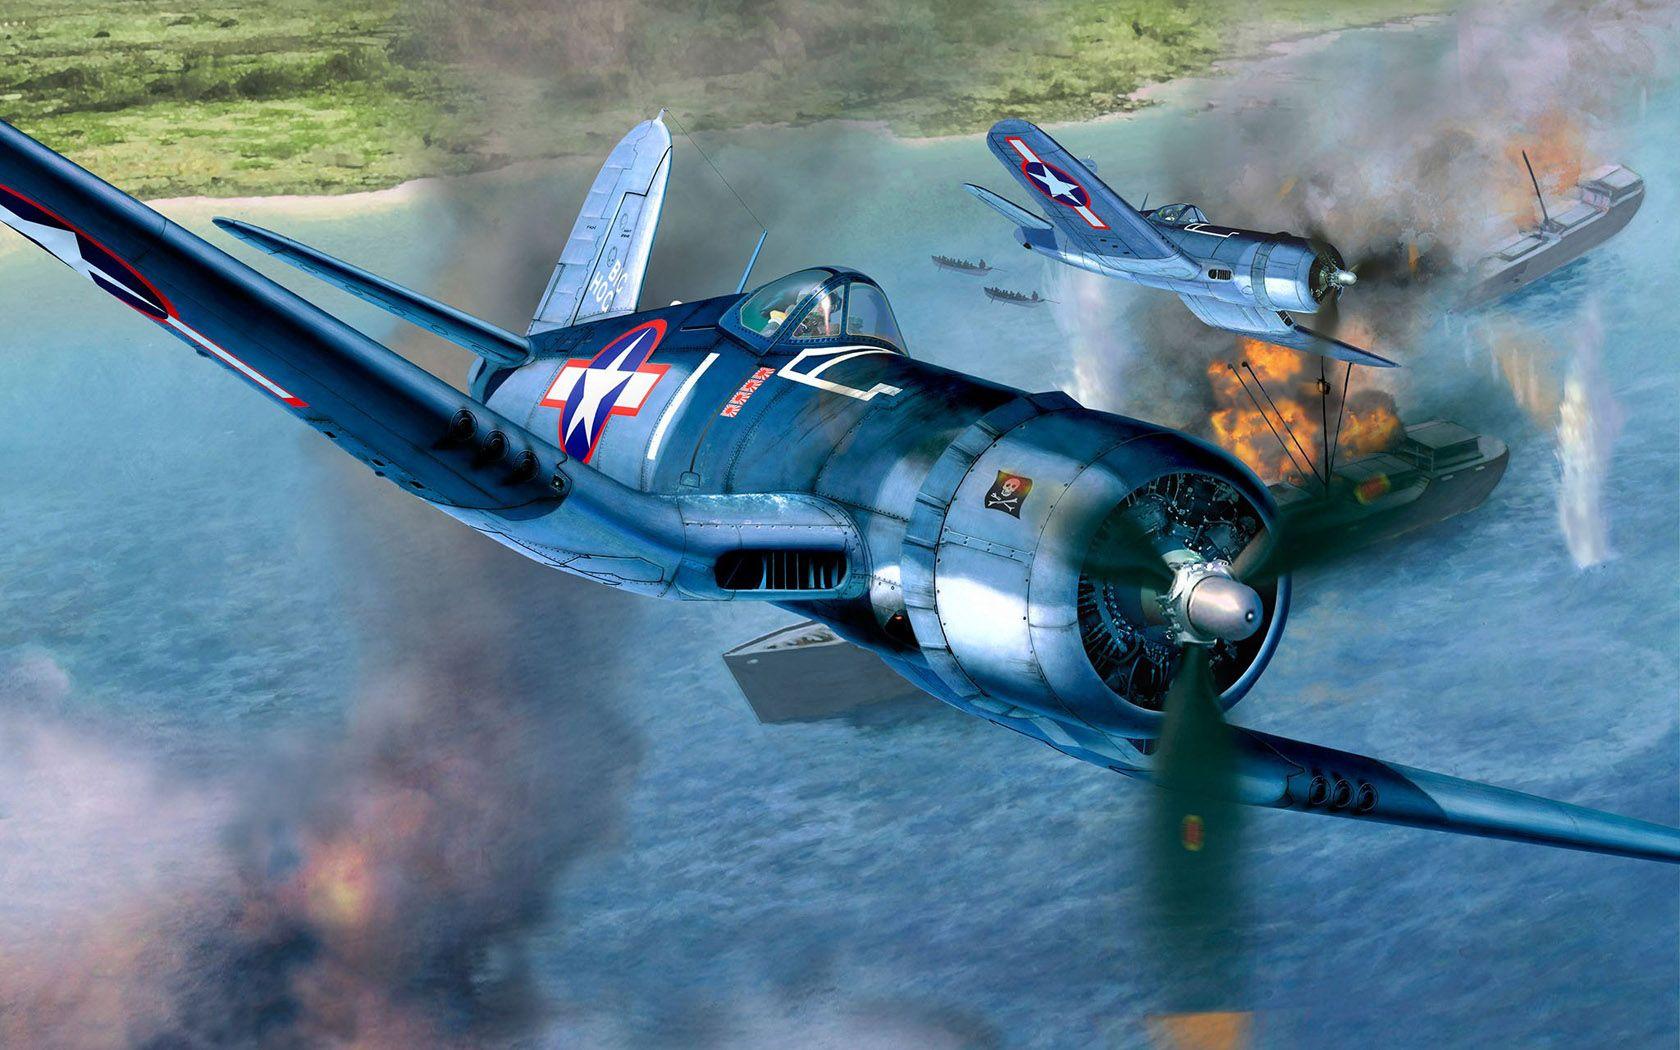 Обои Вторая мировая, F4u corsair, chance vought. Авиация foto 15